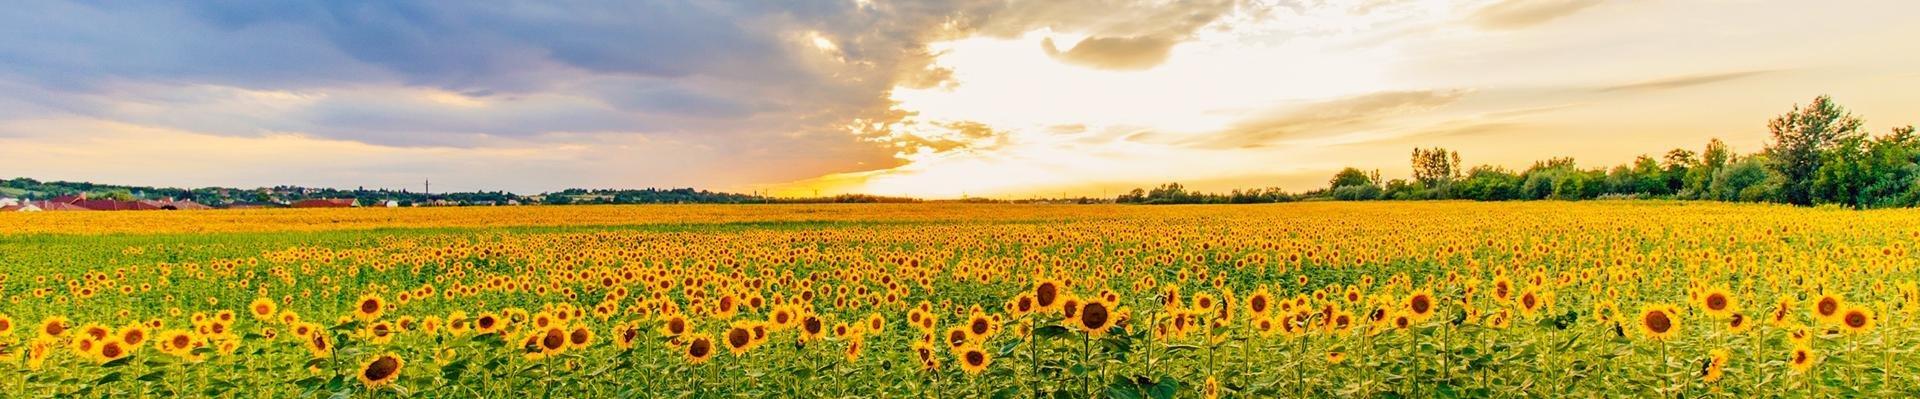 Velden met zonnebloemen, Frankrijk